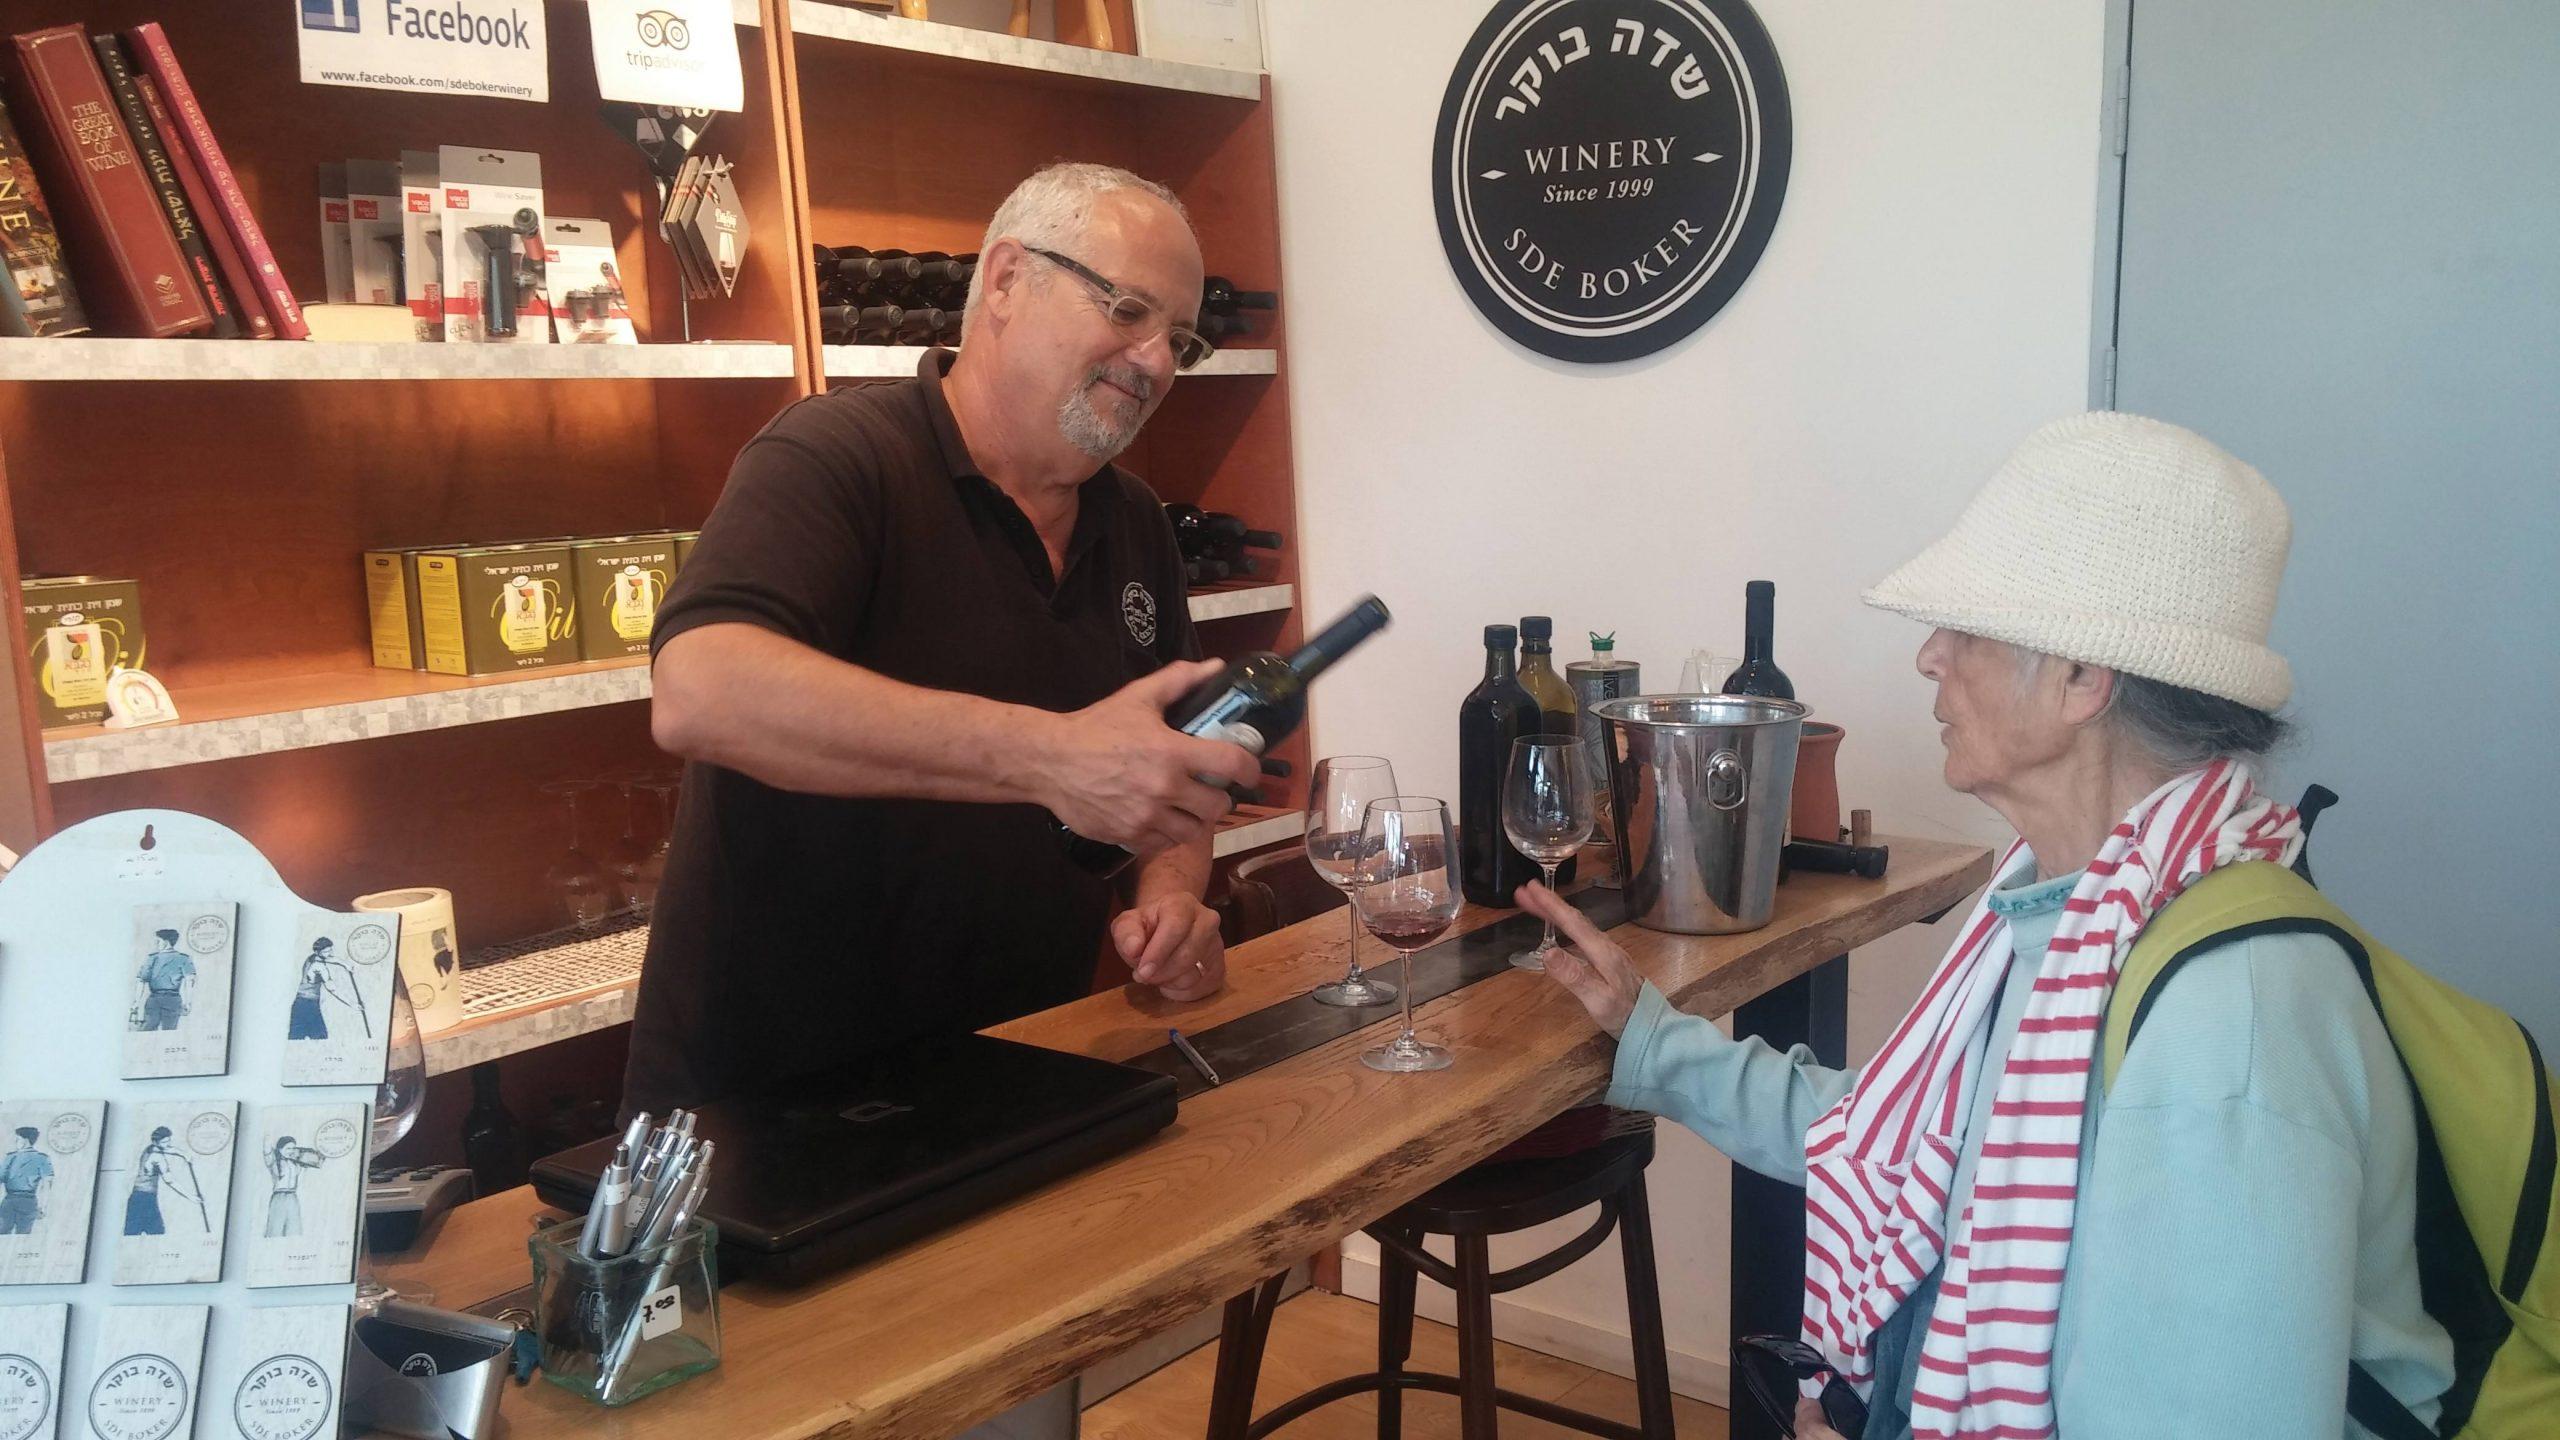 היקבים המתחדשים בנגב מאפשרים חוויה תיירותית המשלבת טיול, לינה, אוכל ויין טוב. צבי רמק מיקב שדה בוקר מוזג למבקרת אחד מיינותיו המשובחים